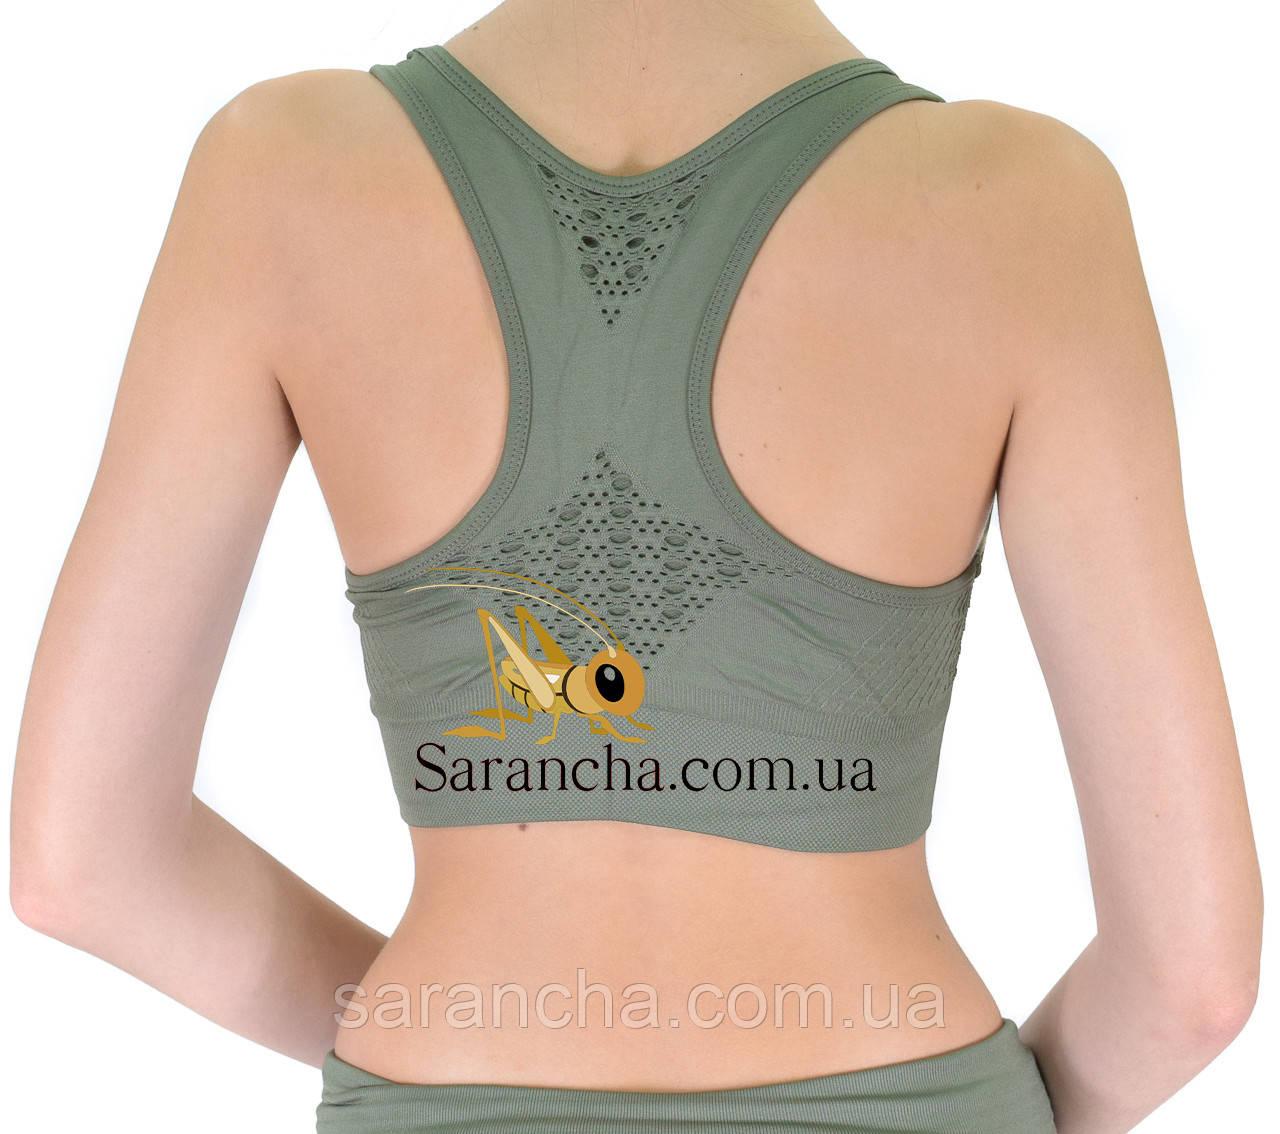 Женский тренировочный с перфорацией топик цвет олива